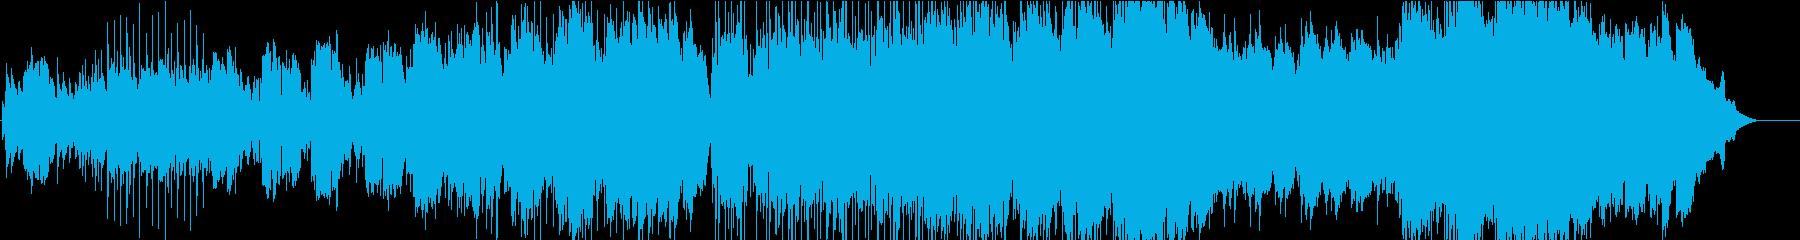 ライトFMスタイルのロックソングに...の再生済みの波形